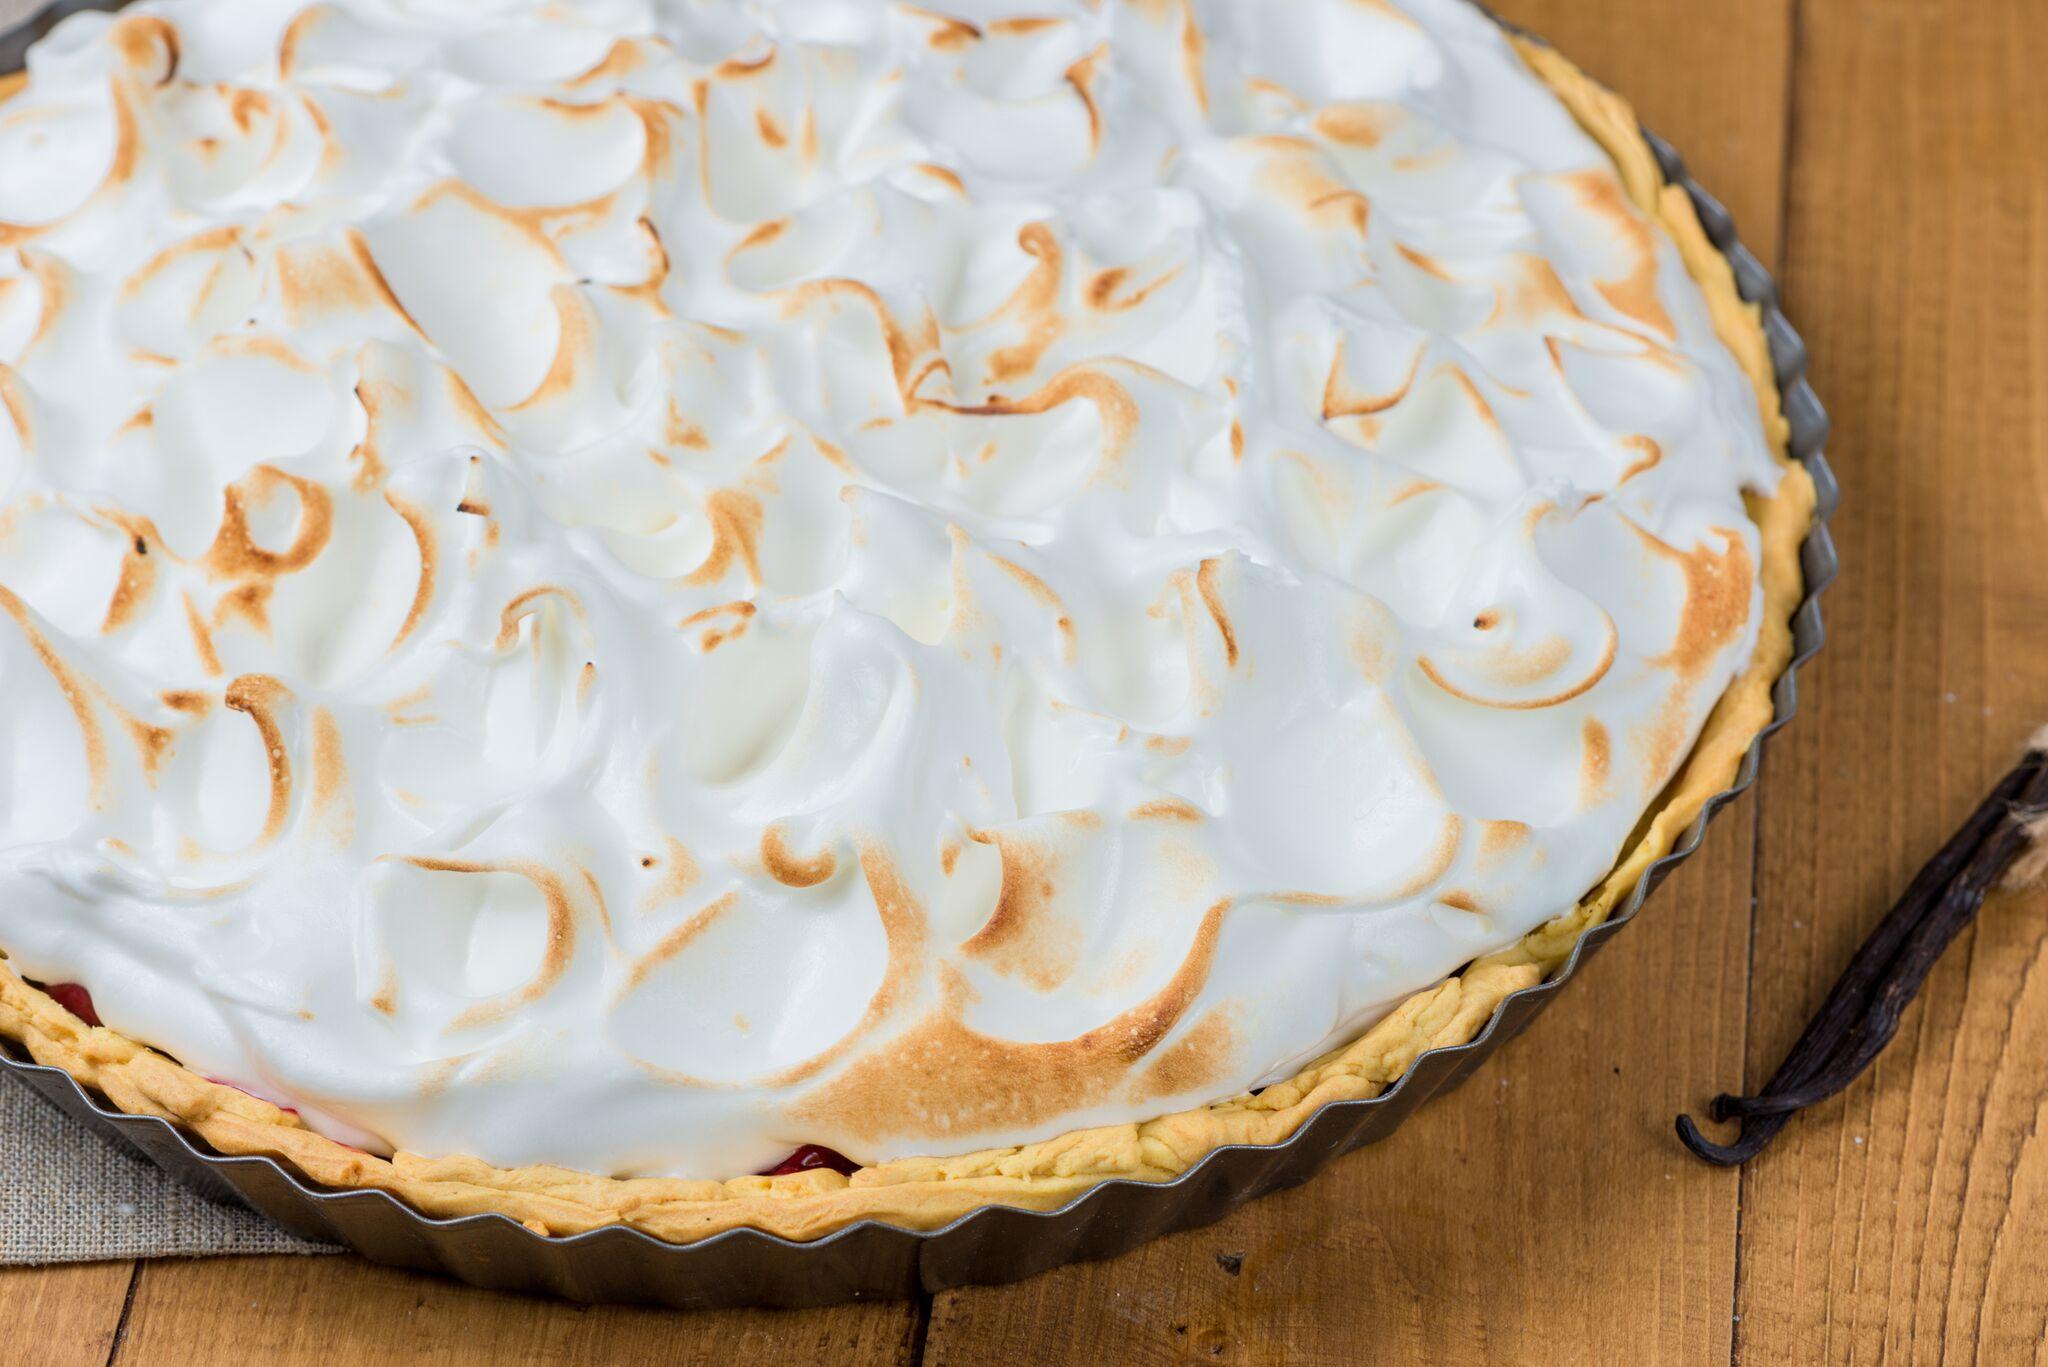 Classic Meringue Pie Topping Recipe